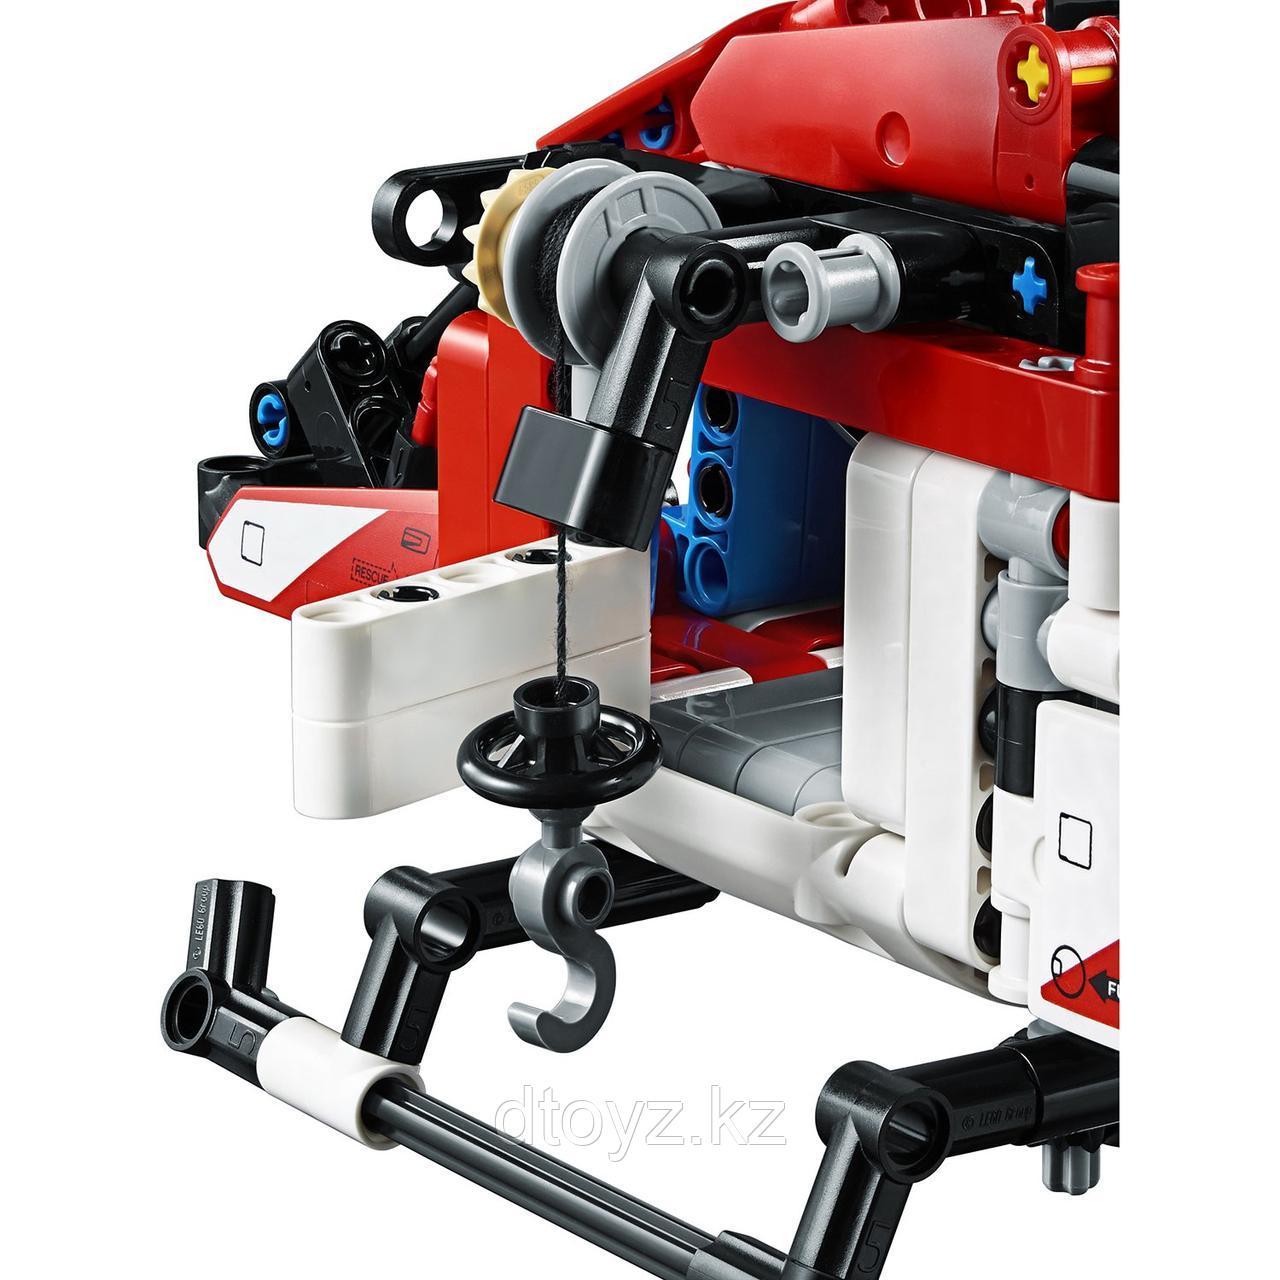 Lego Technic 42092 Спасательный вертолёт, Лего Техник - фото 4